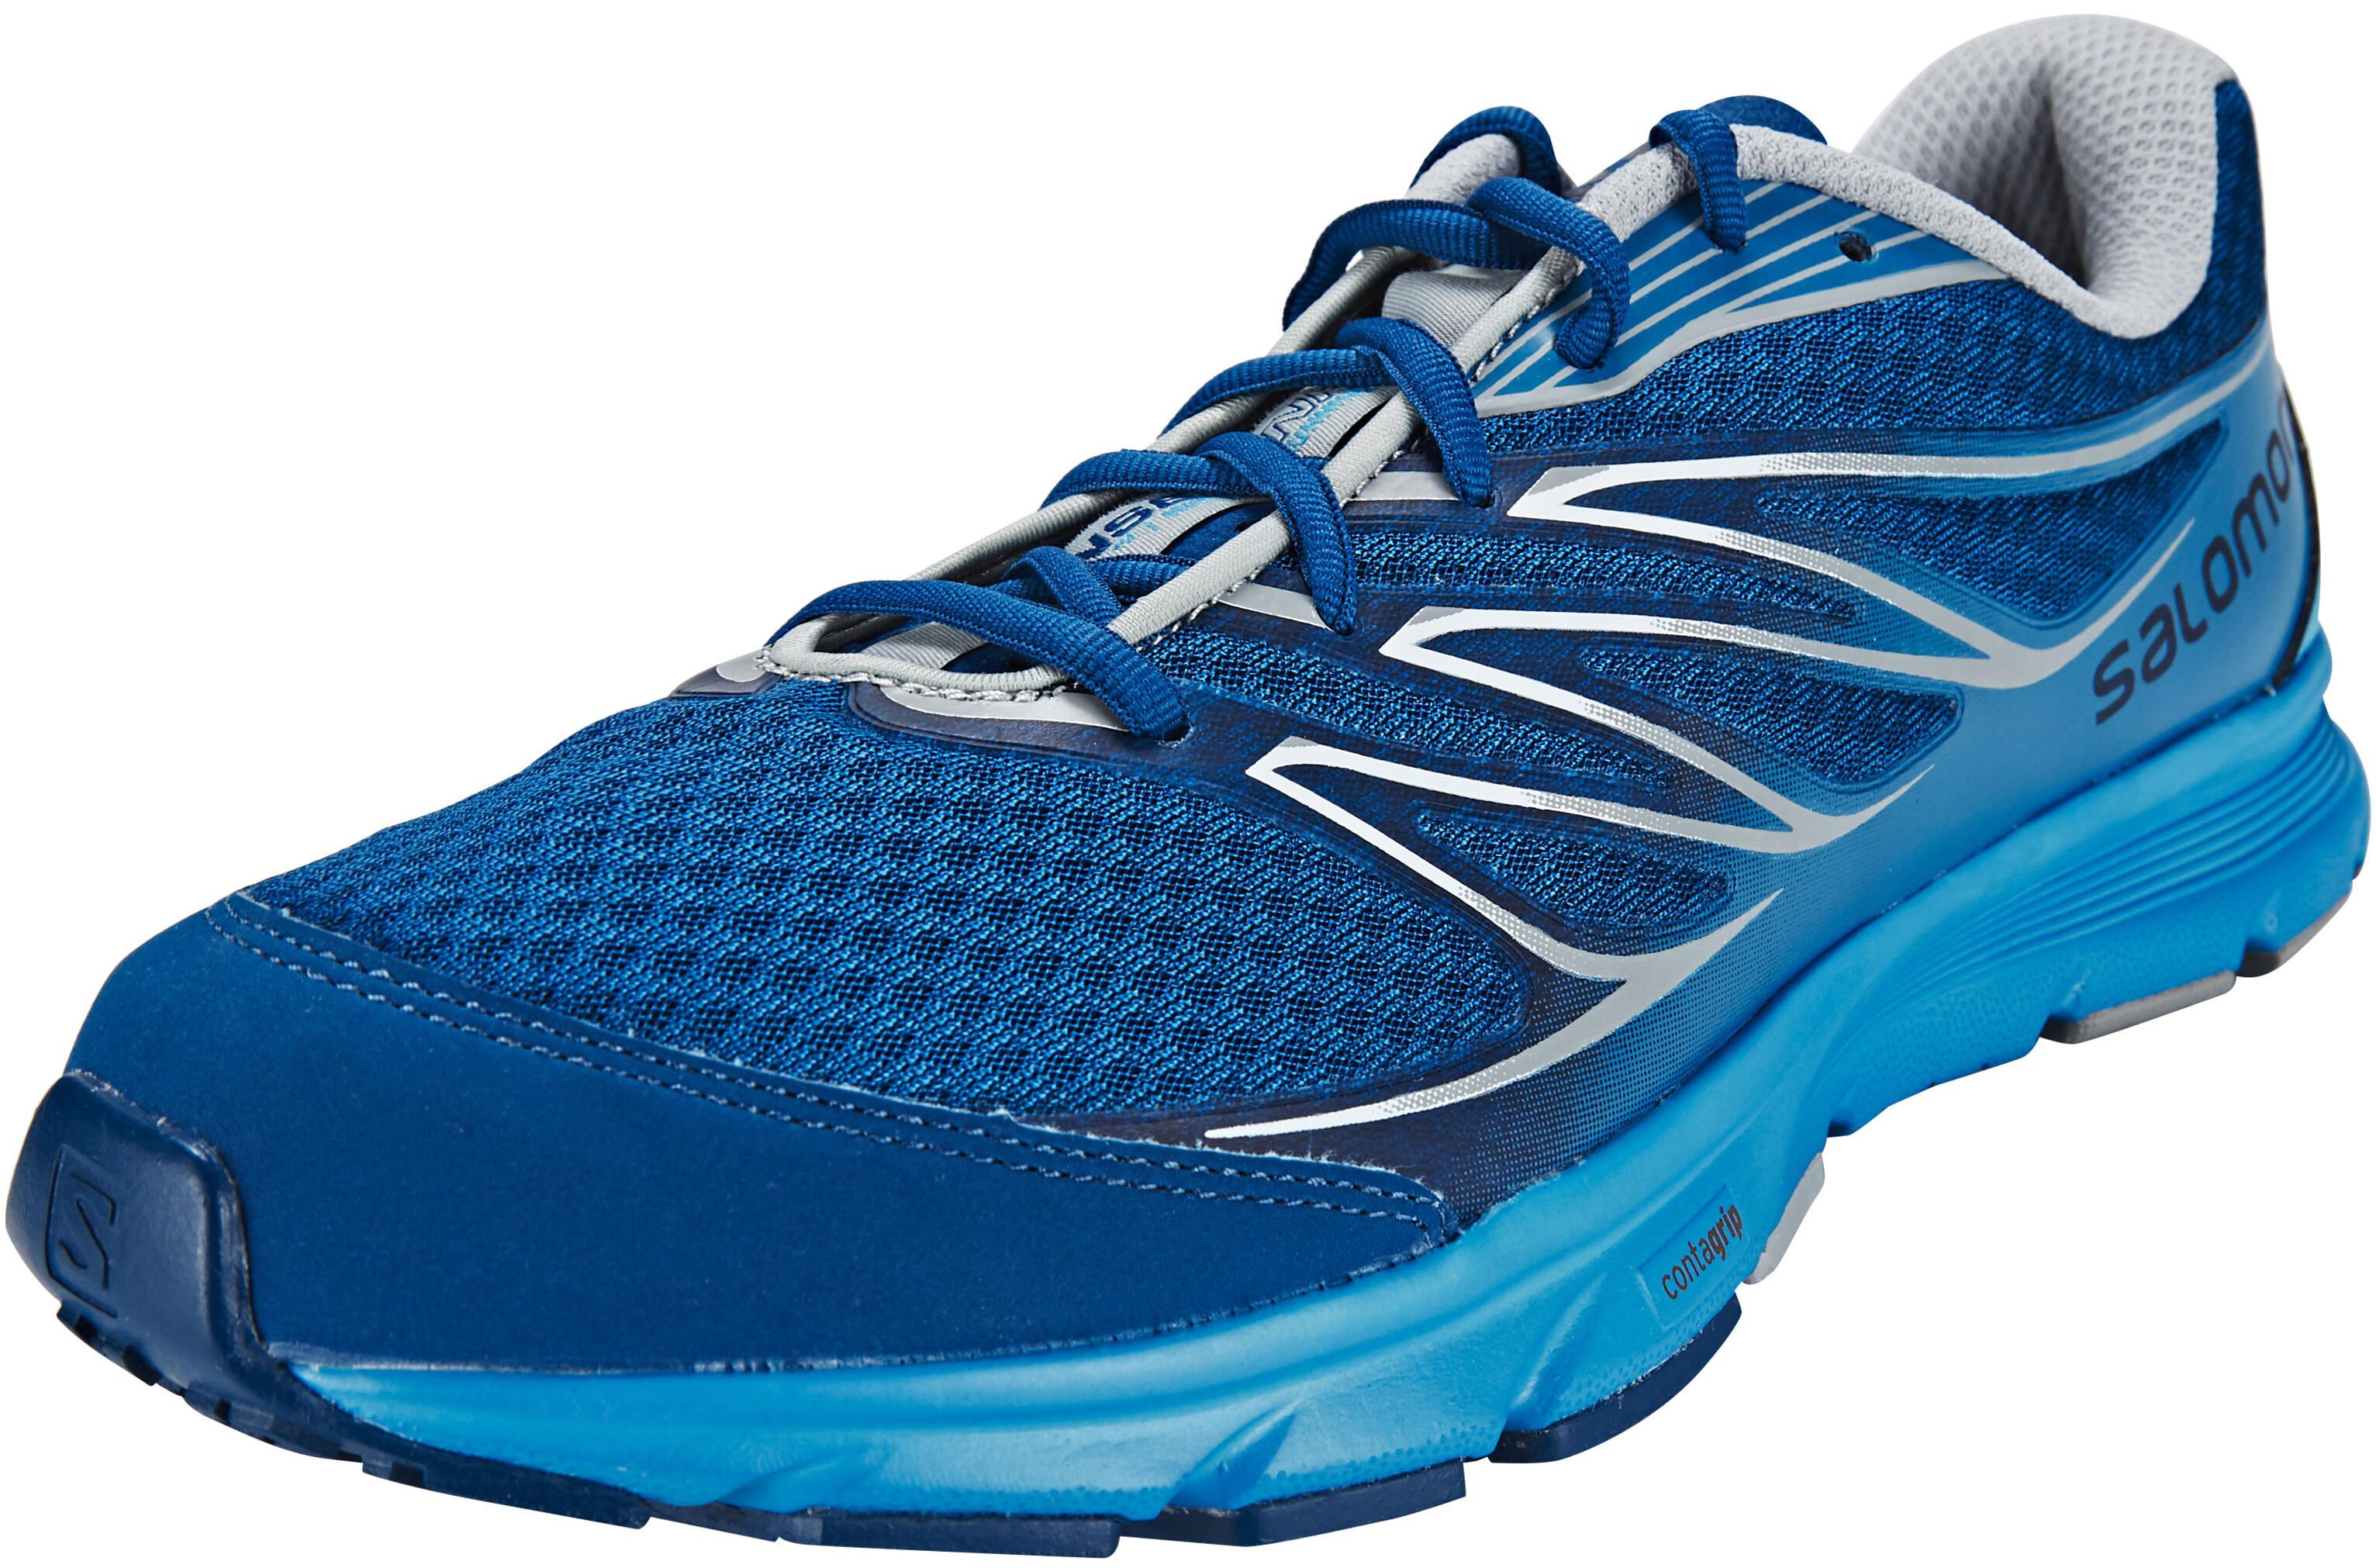 daf79a41f420 Salomon Sense Link Running Shoes Men blue at Bikester.co.uk